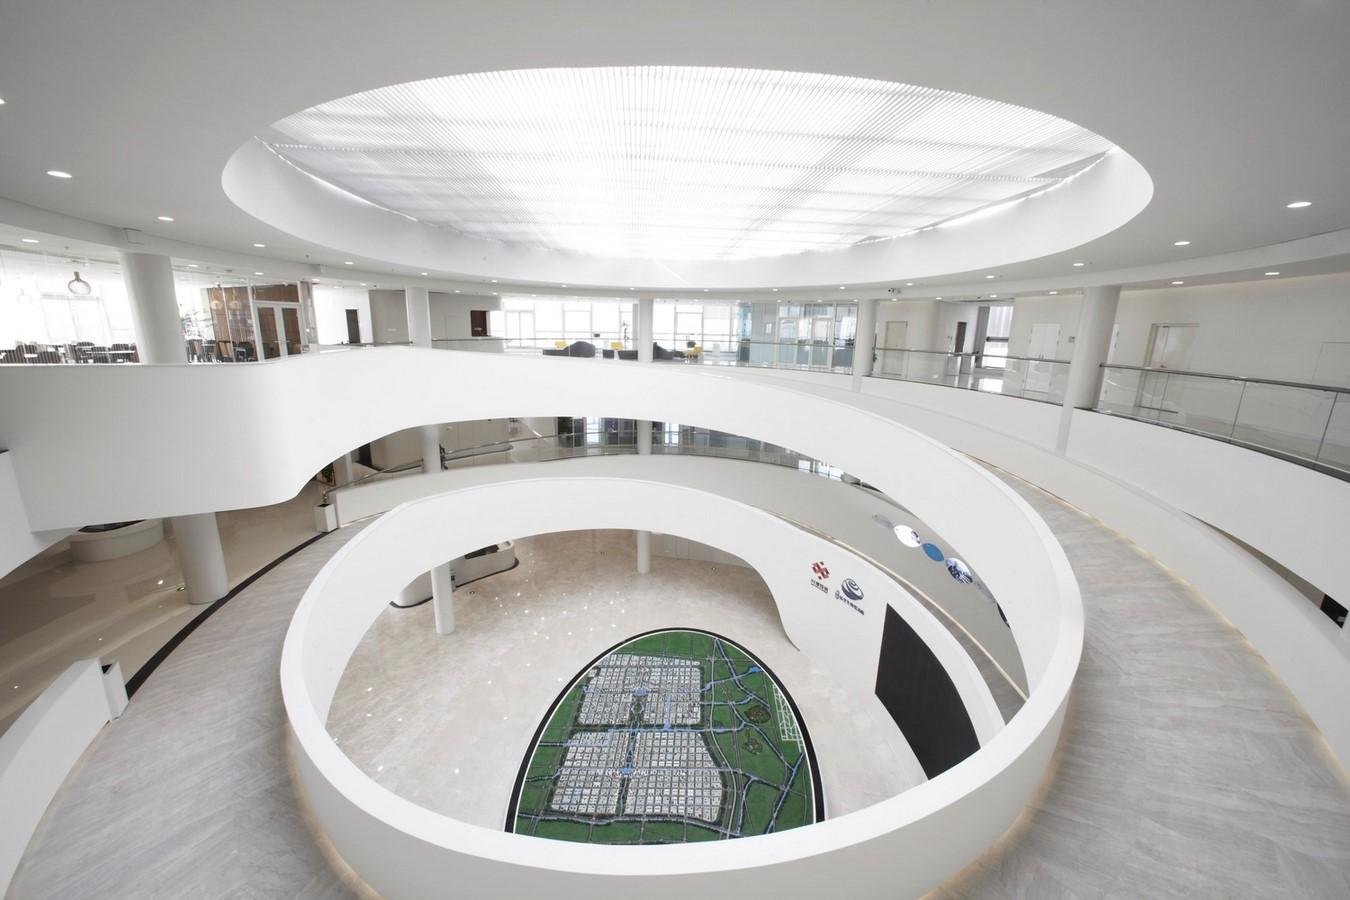 Exhibition Centre of Zhengzhou Linkong Biopharmaceutical Park - Sheet3